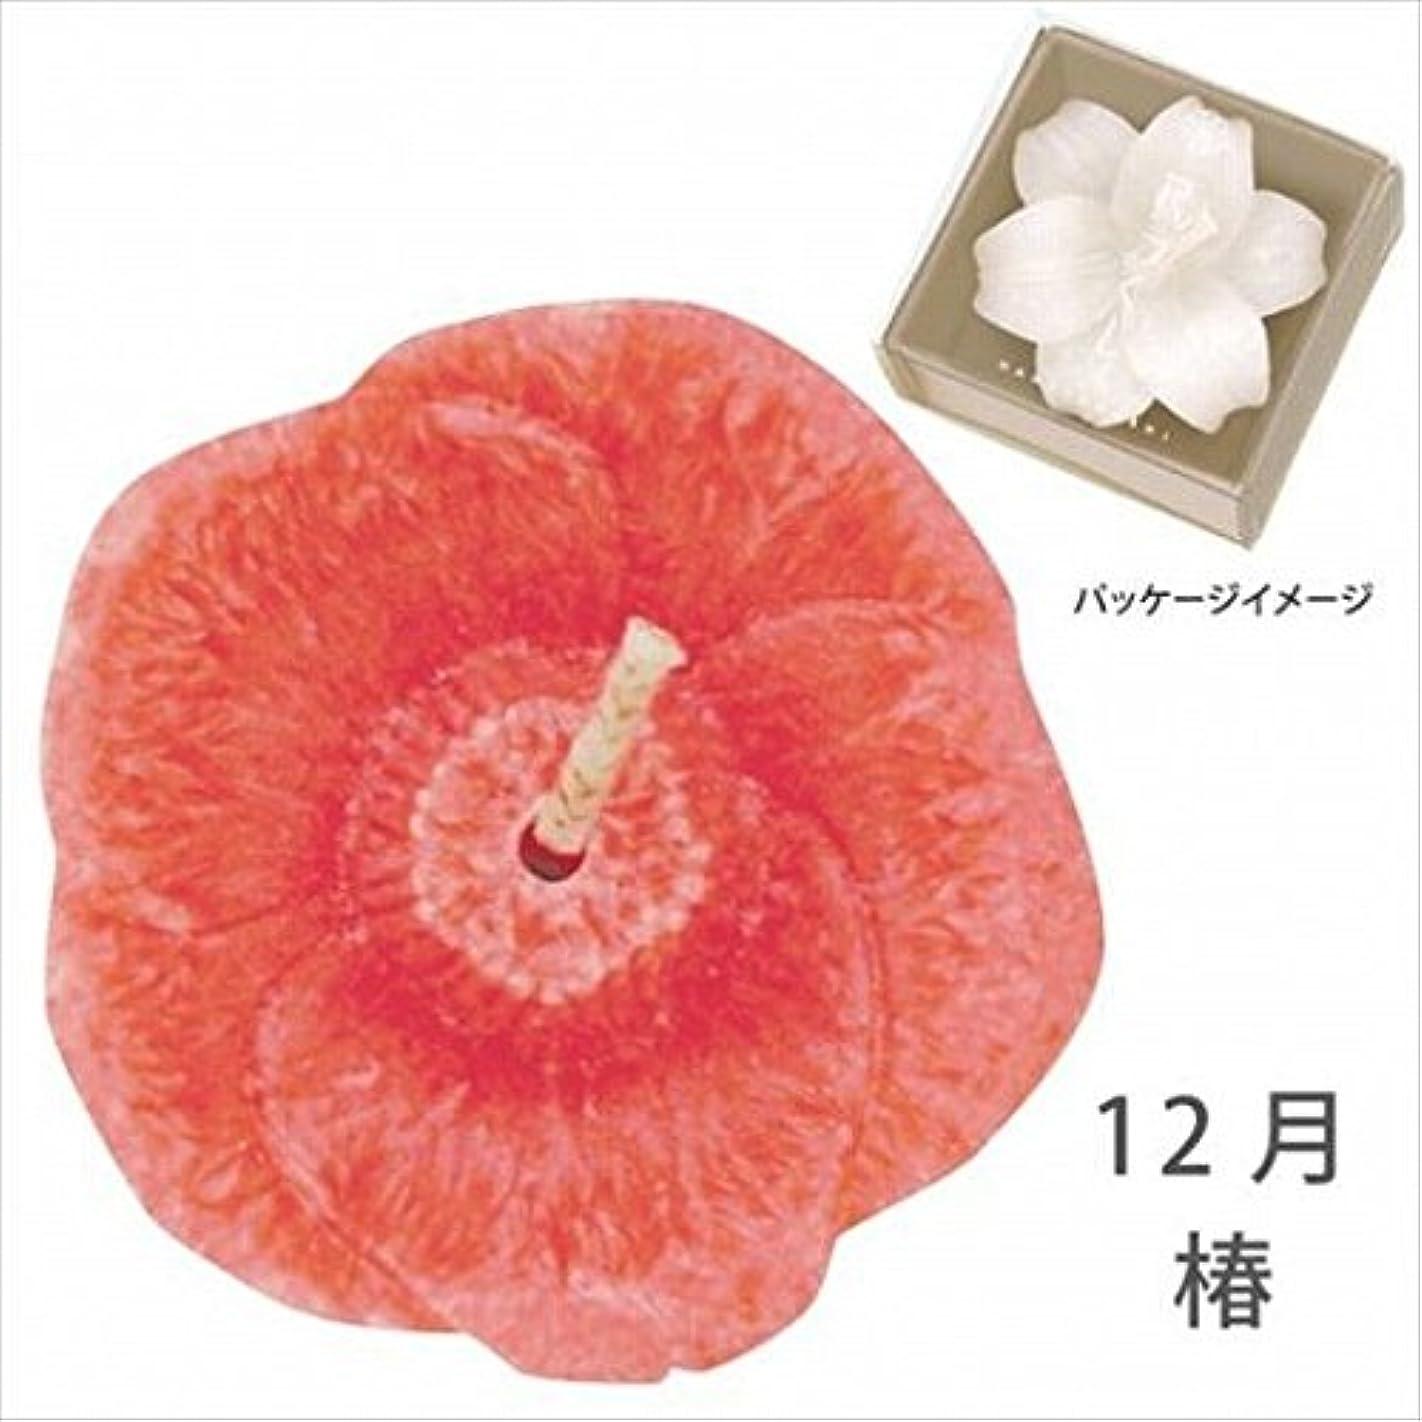 検索エンジン最適化傷つける懲らしめkameyama candle(カメヤマキャンドル) 花づくし(植物性) 椿 「 椿(12月) 」 キャンドル(A4620520)